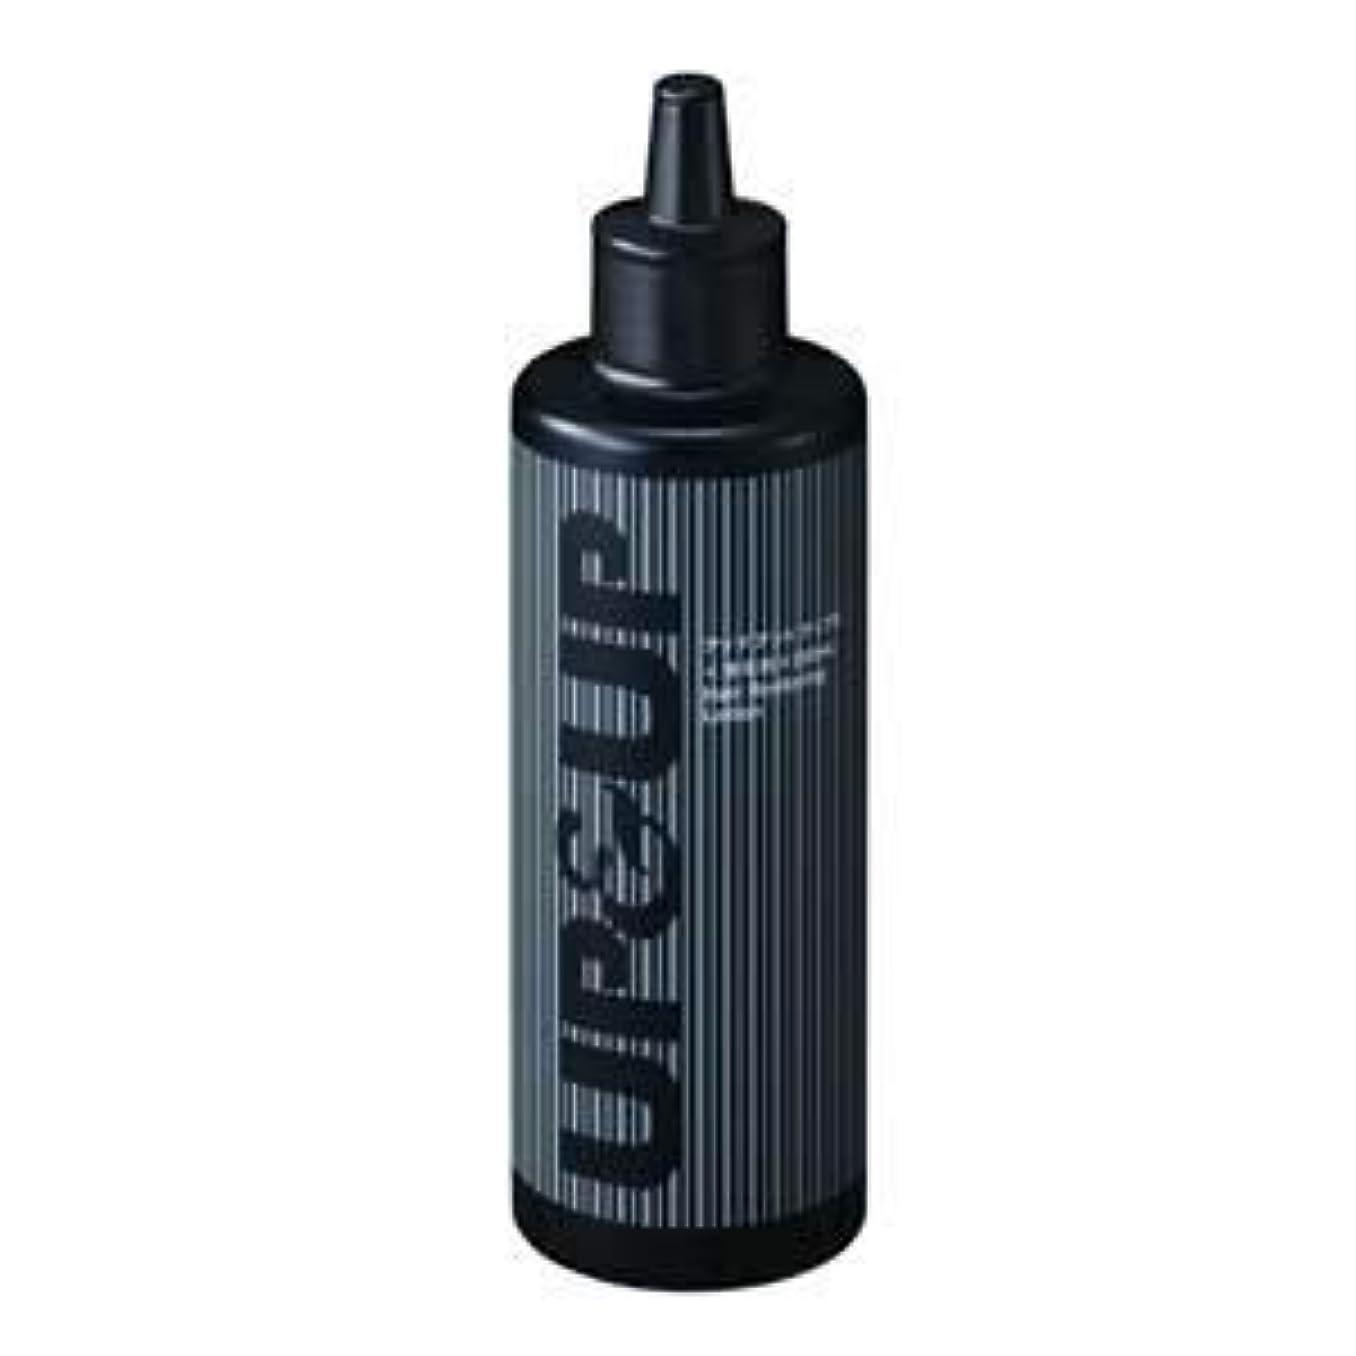 発表熟す叙情的なH+Bライフサイエンス アップ アンド アップ UP&UP S育毛剤 200mL